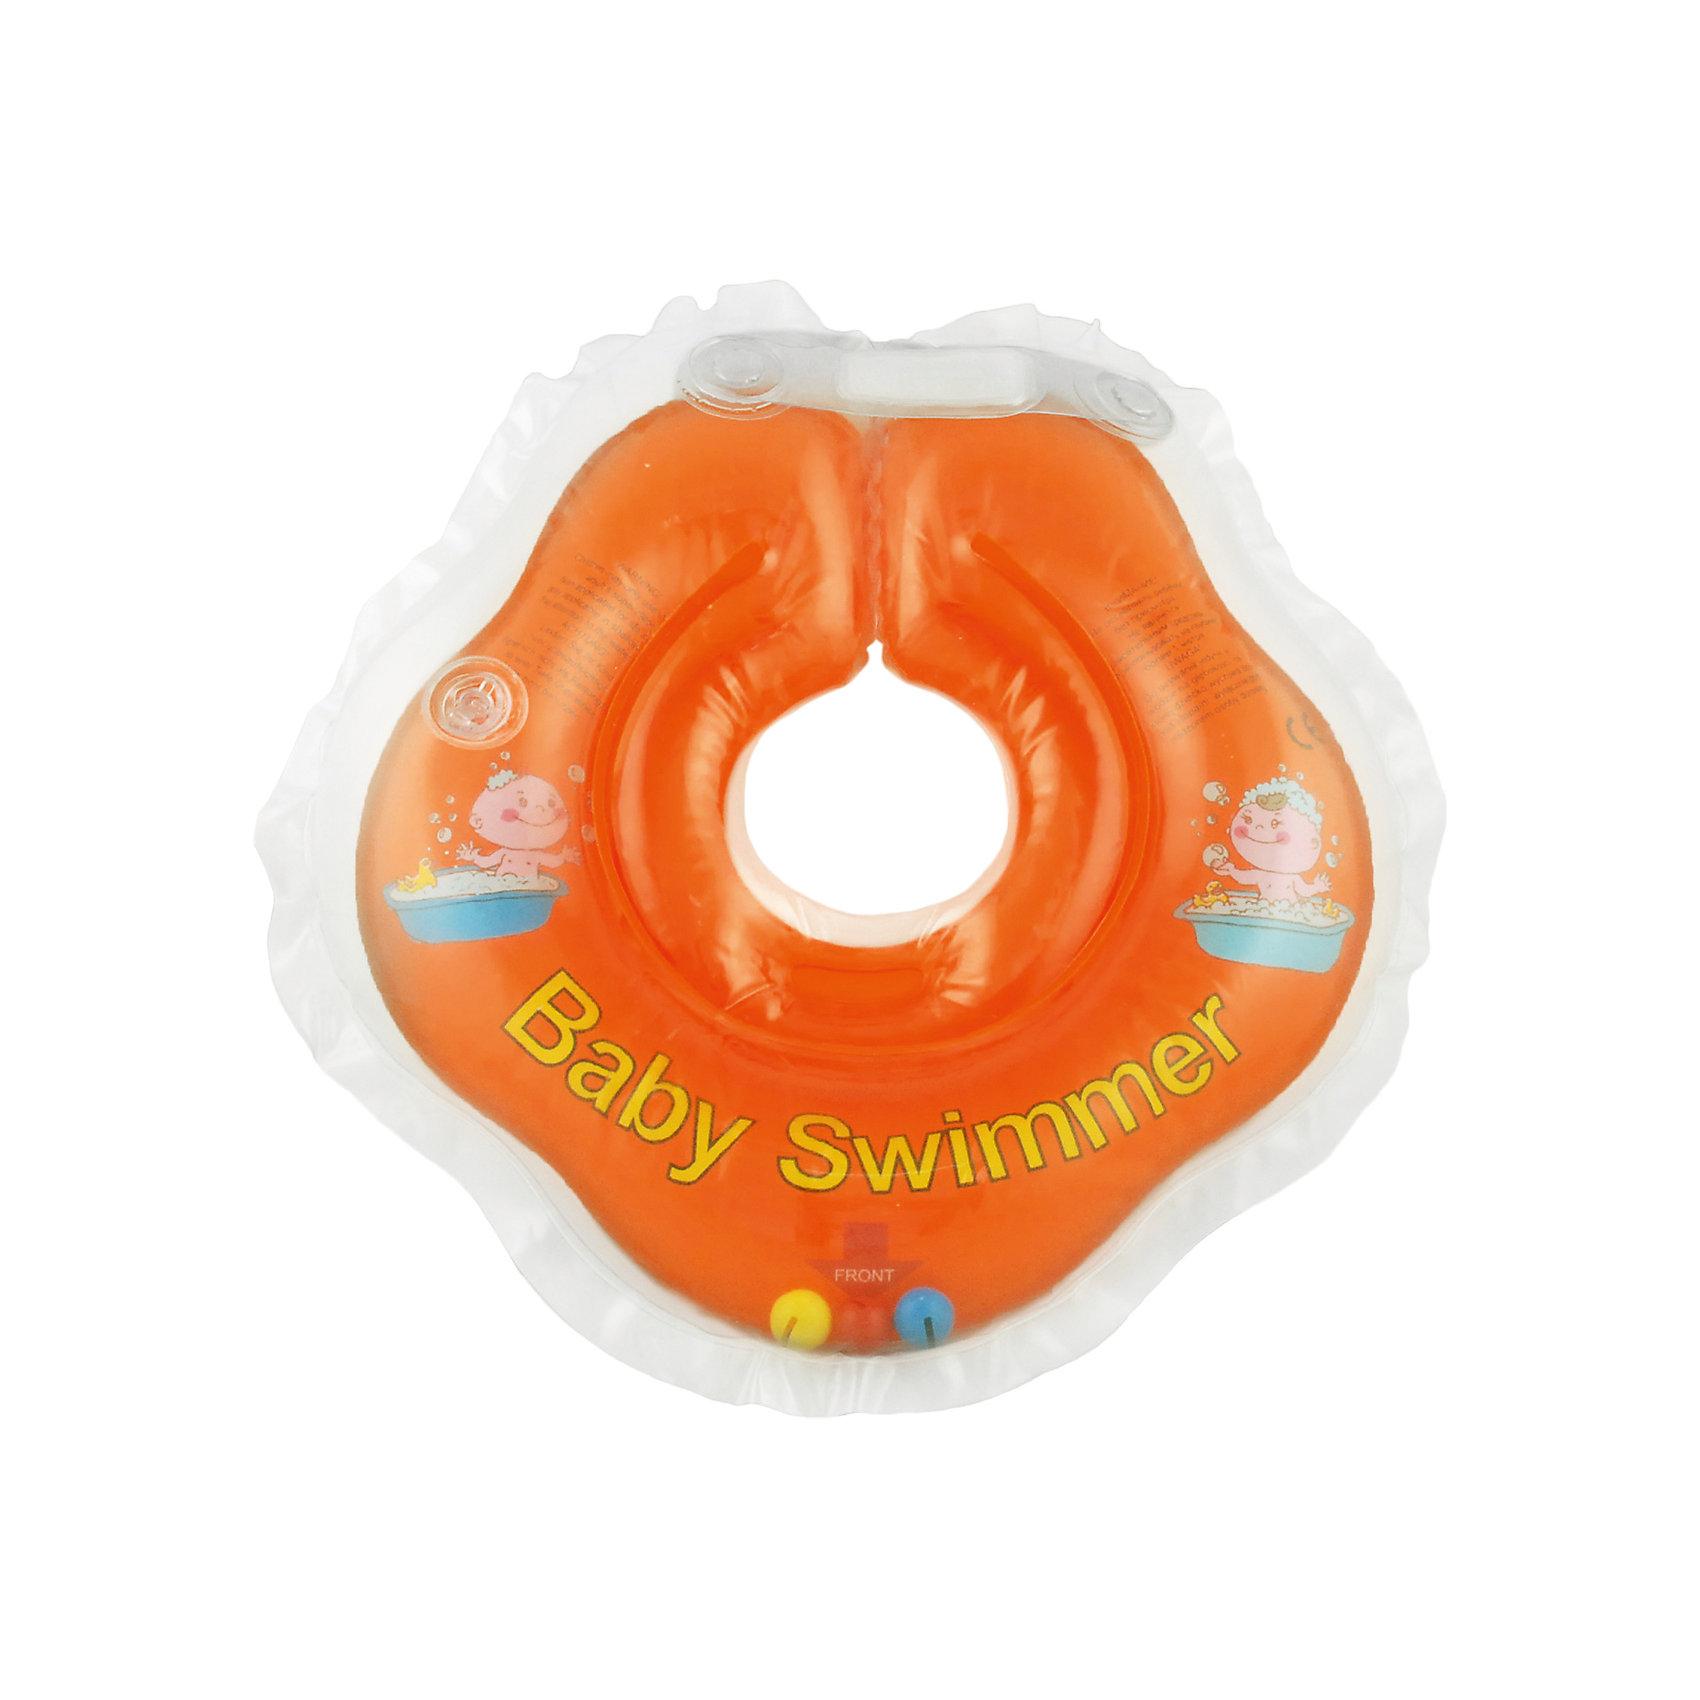 Круг для купания с погремушкой внутри BabySwimmer, оранжевыйКруг для купания Baby Swimmer с погремушкой – улучшенная вариация классической одноименной модели. Отличительная особенность – погремушка внутри круга. Устройство обеспечит безопасность купания малыша, избавит  от страха воды и сделает водные процедуры веселой игрой. У круга есть устройство, поддерживающее подбородок, что позволит избежать проглатывание воды малышом. У круга яркие цвета, необычный дизайн и веселые картинки по бокам, которые понравится всем детям. Все материалы, использованные при разработке и изготовлении круга для купания безопасны для использования, отвечают всем требованиям экологичности и качества детских товаров, а так же гипоаллергенны.<br><br>Дополнительная информация:<br><br>модель: Baby Swimmer;<br>цвет: оранжевый.<br><br>Круг для купания с погремушкой внутри Baby Swimmer можно приобрести в нашем магазине.<br><br>Ширина мм: 150<br>Глубина мм: 40<br>Высота мм: 150<br>Вес г: 140<br>Возраст от месяцев: 0<br>Возраст до месяцев: 24<br>Пол: Унисекс<br>Возраст: Детский<br>SKU: 4968100